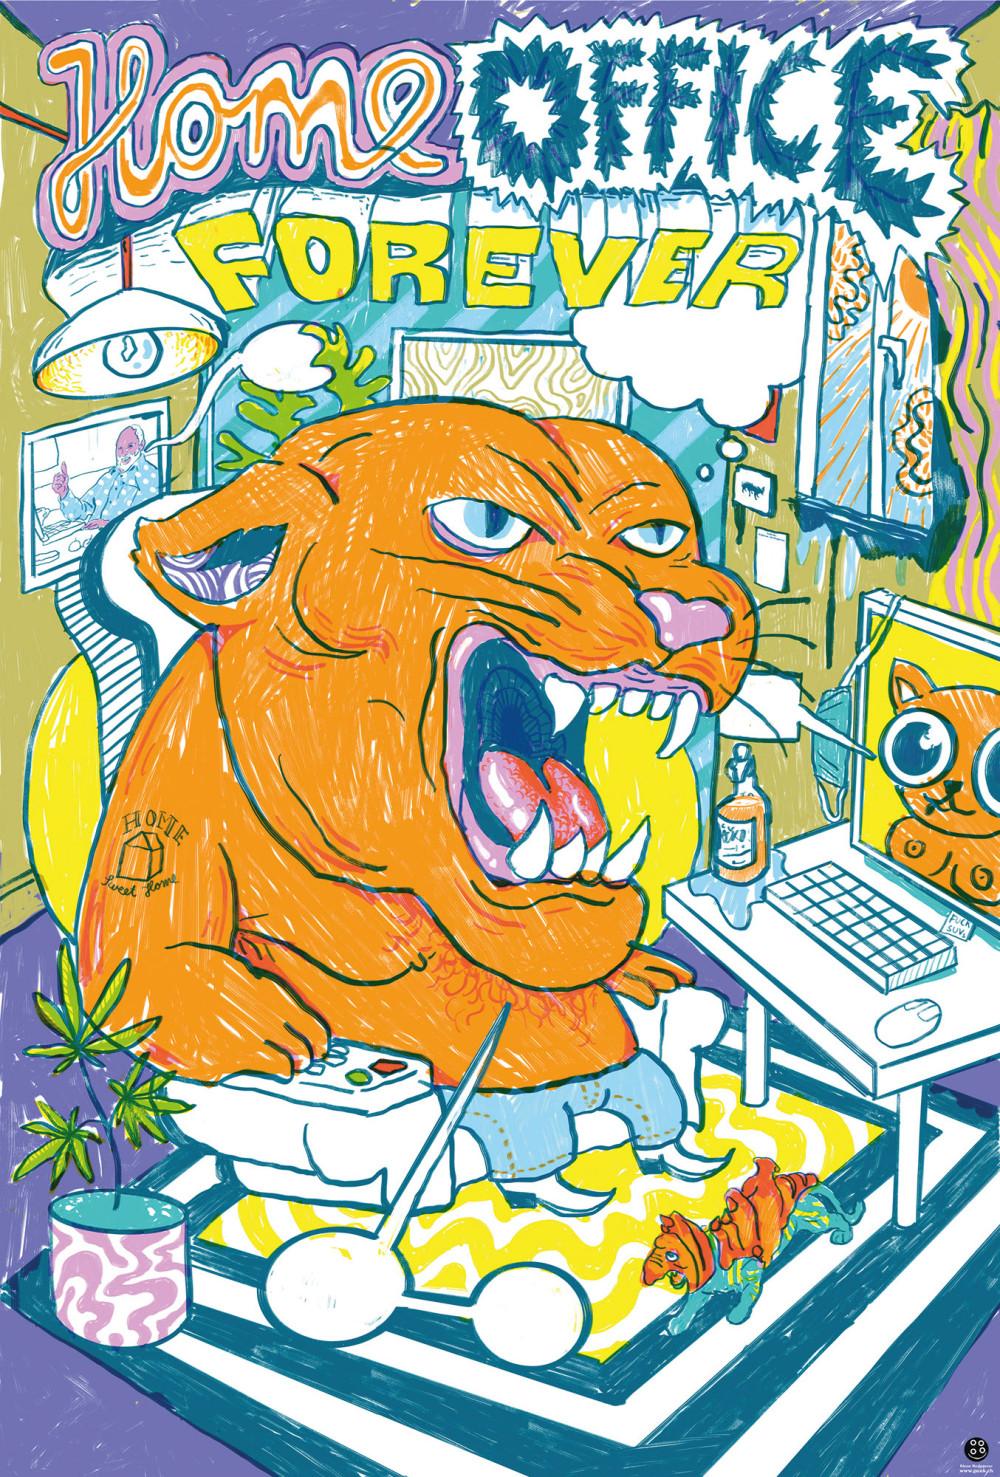 Ein buntes Plakat mit dem Titel Home Office Forever_Pressebild_PPG_Home Office Forever_Kleon Medugorac